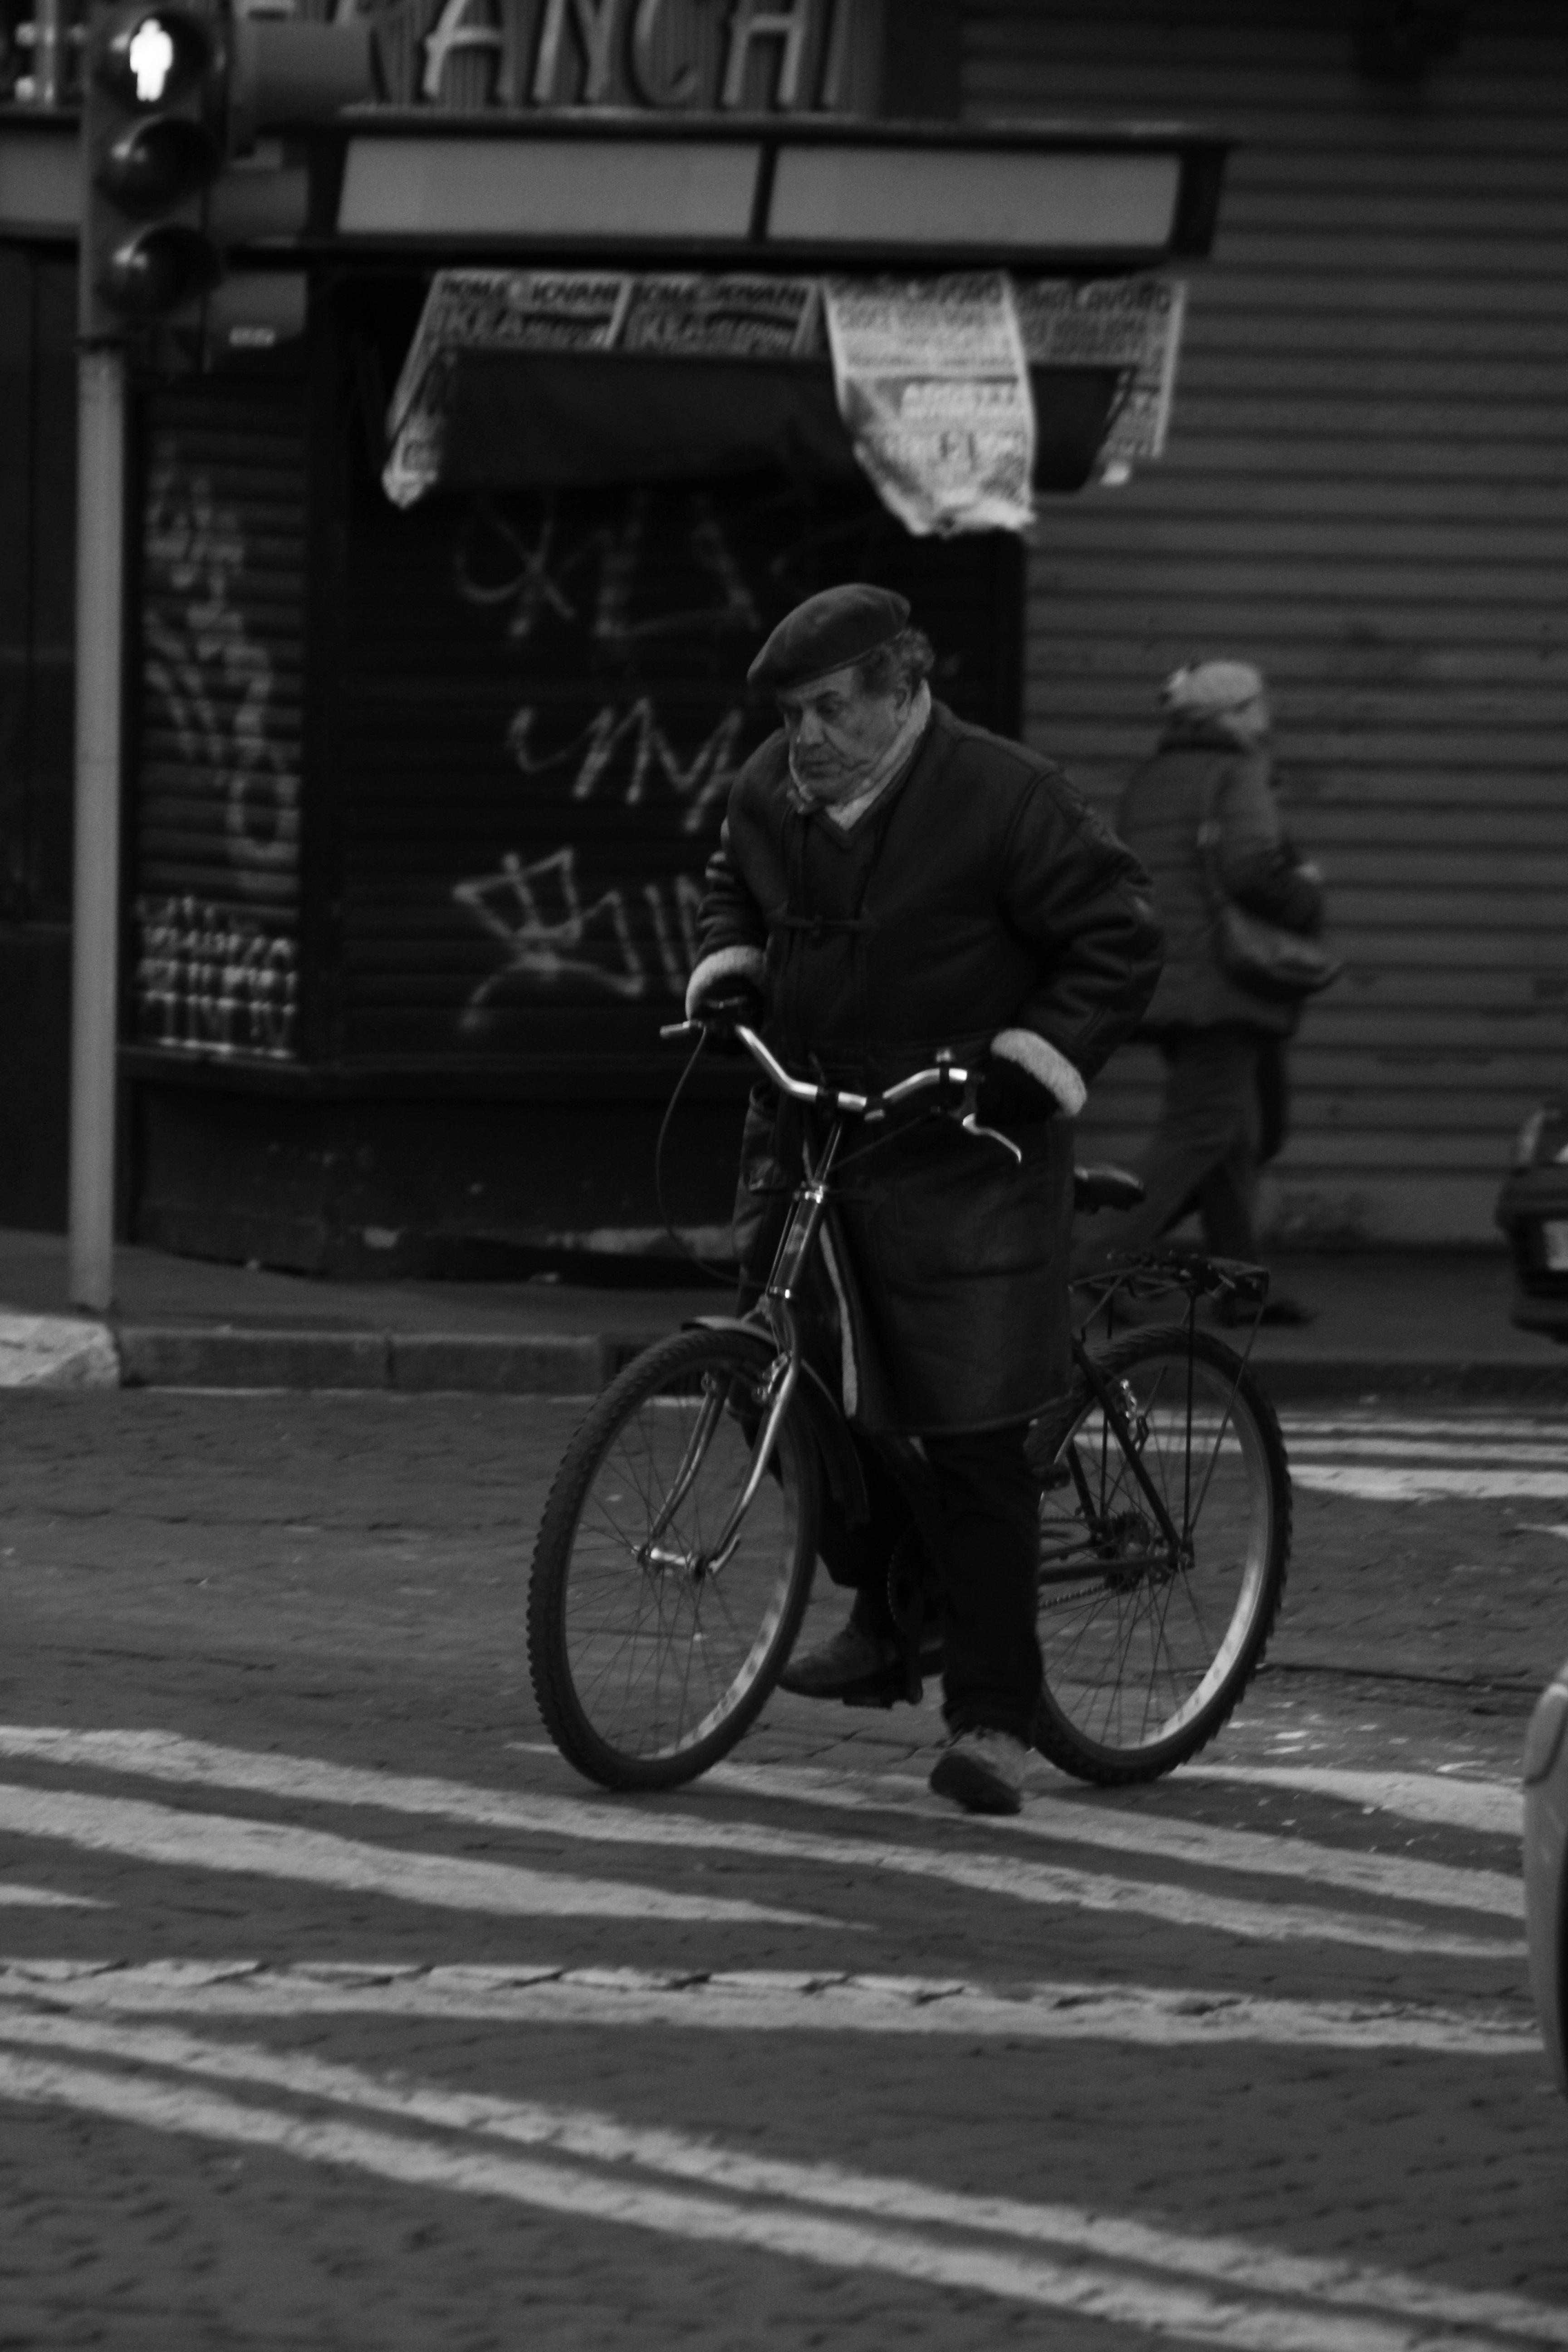 Gambar : manusia, hitam dan putih, jalan, sepeda, kota, kendaraan ...